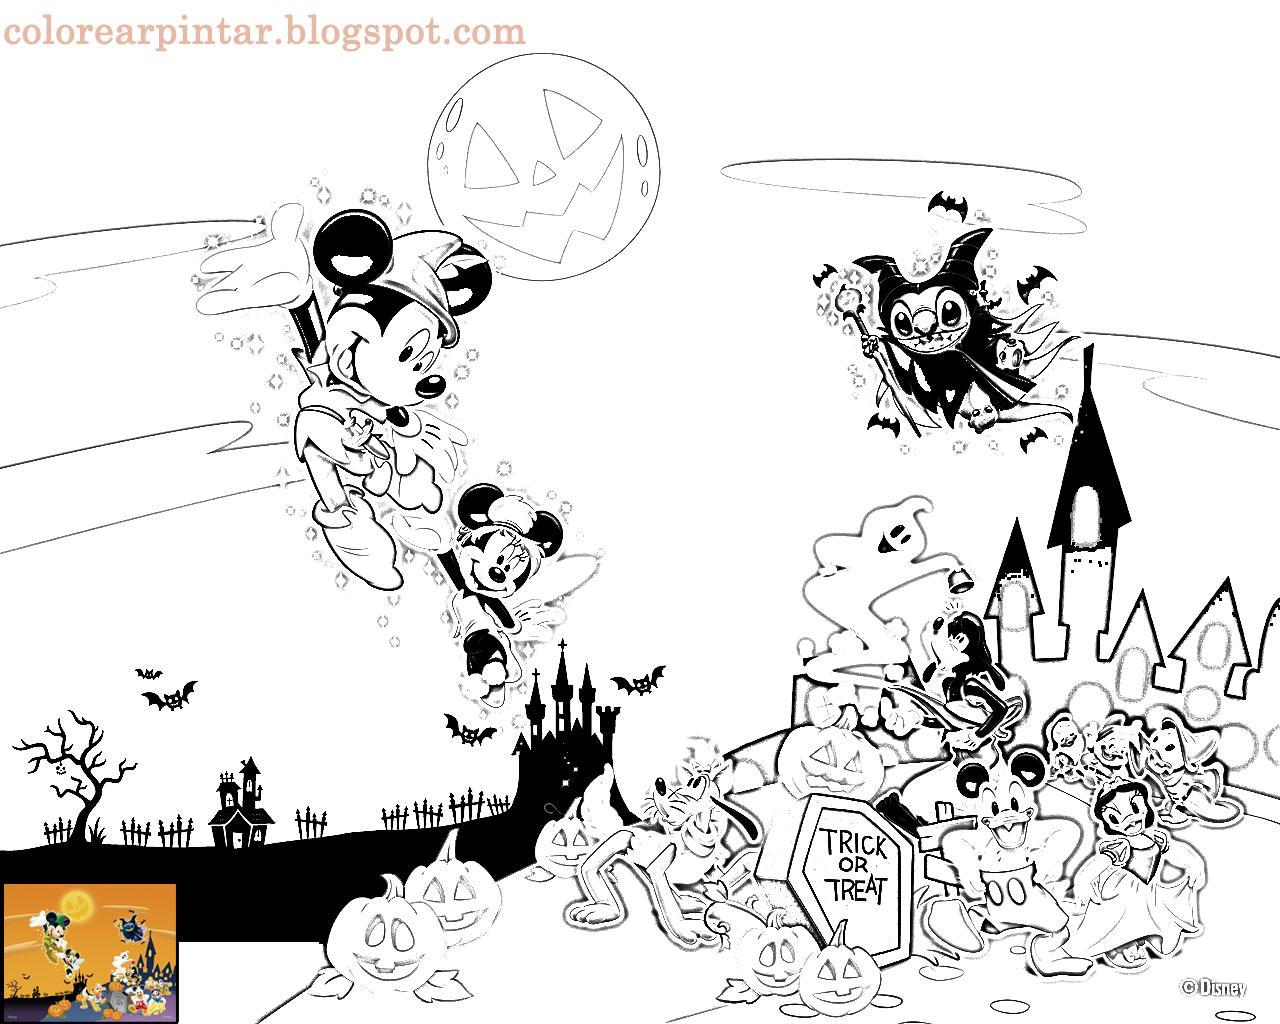 Dibujos - Fondos de escritorio - Imagenes: octubre 2011